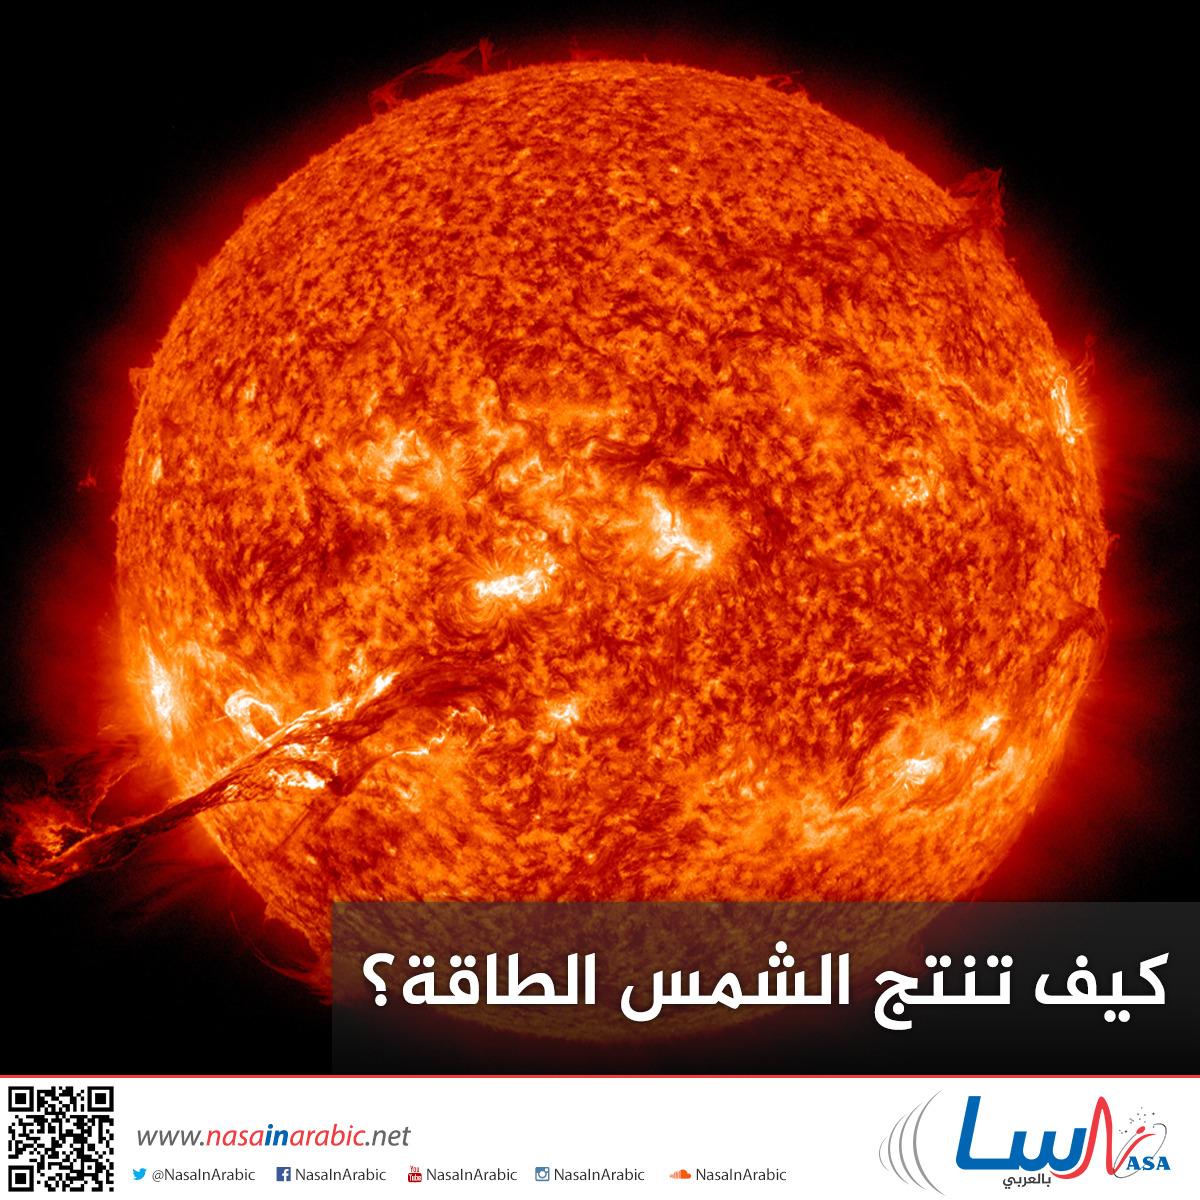 كيف تنتج الشمس الطاقة؟